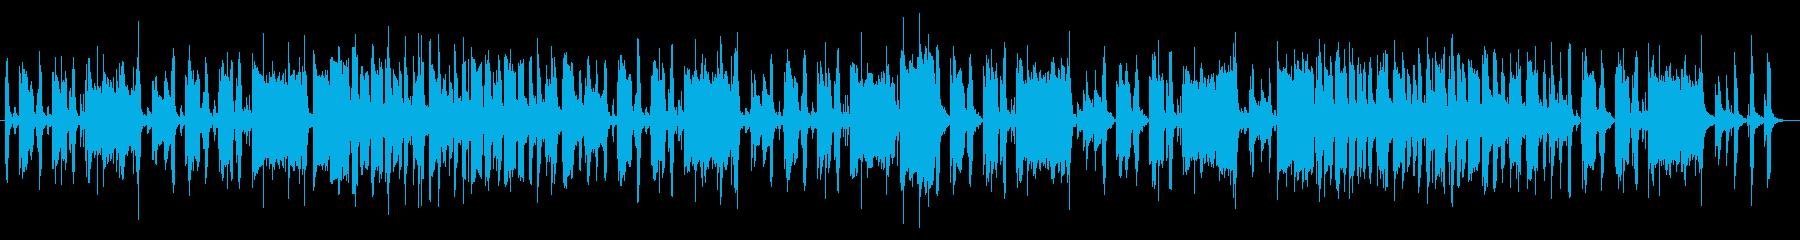 コミカルでほのぼの・ゆるめのBGMの再生済みの波形